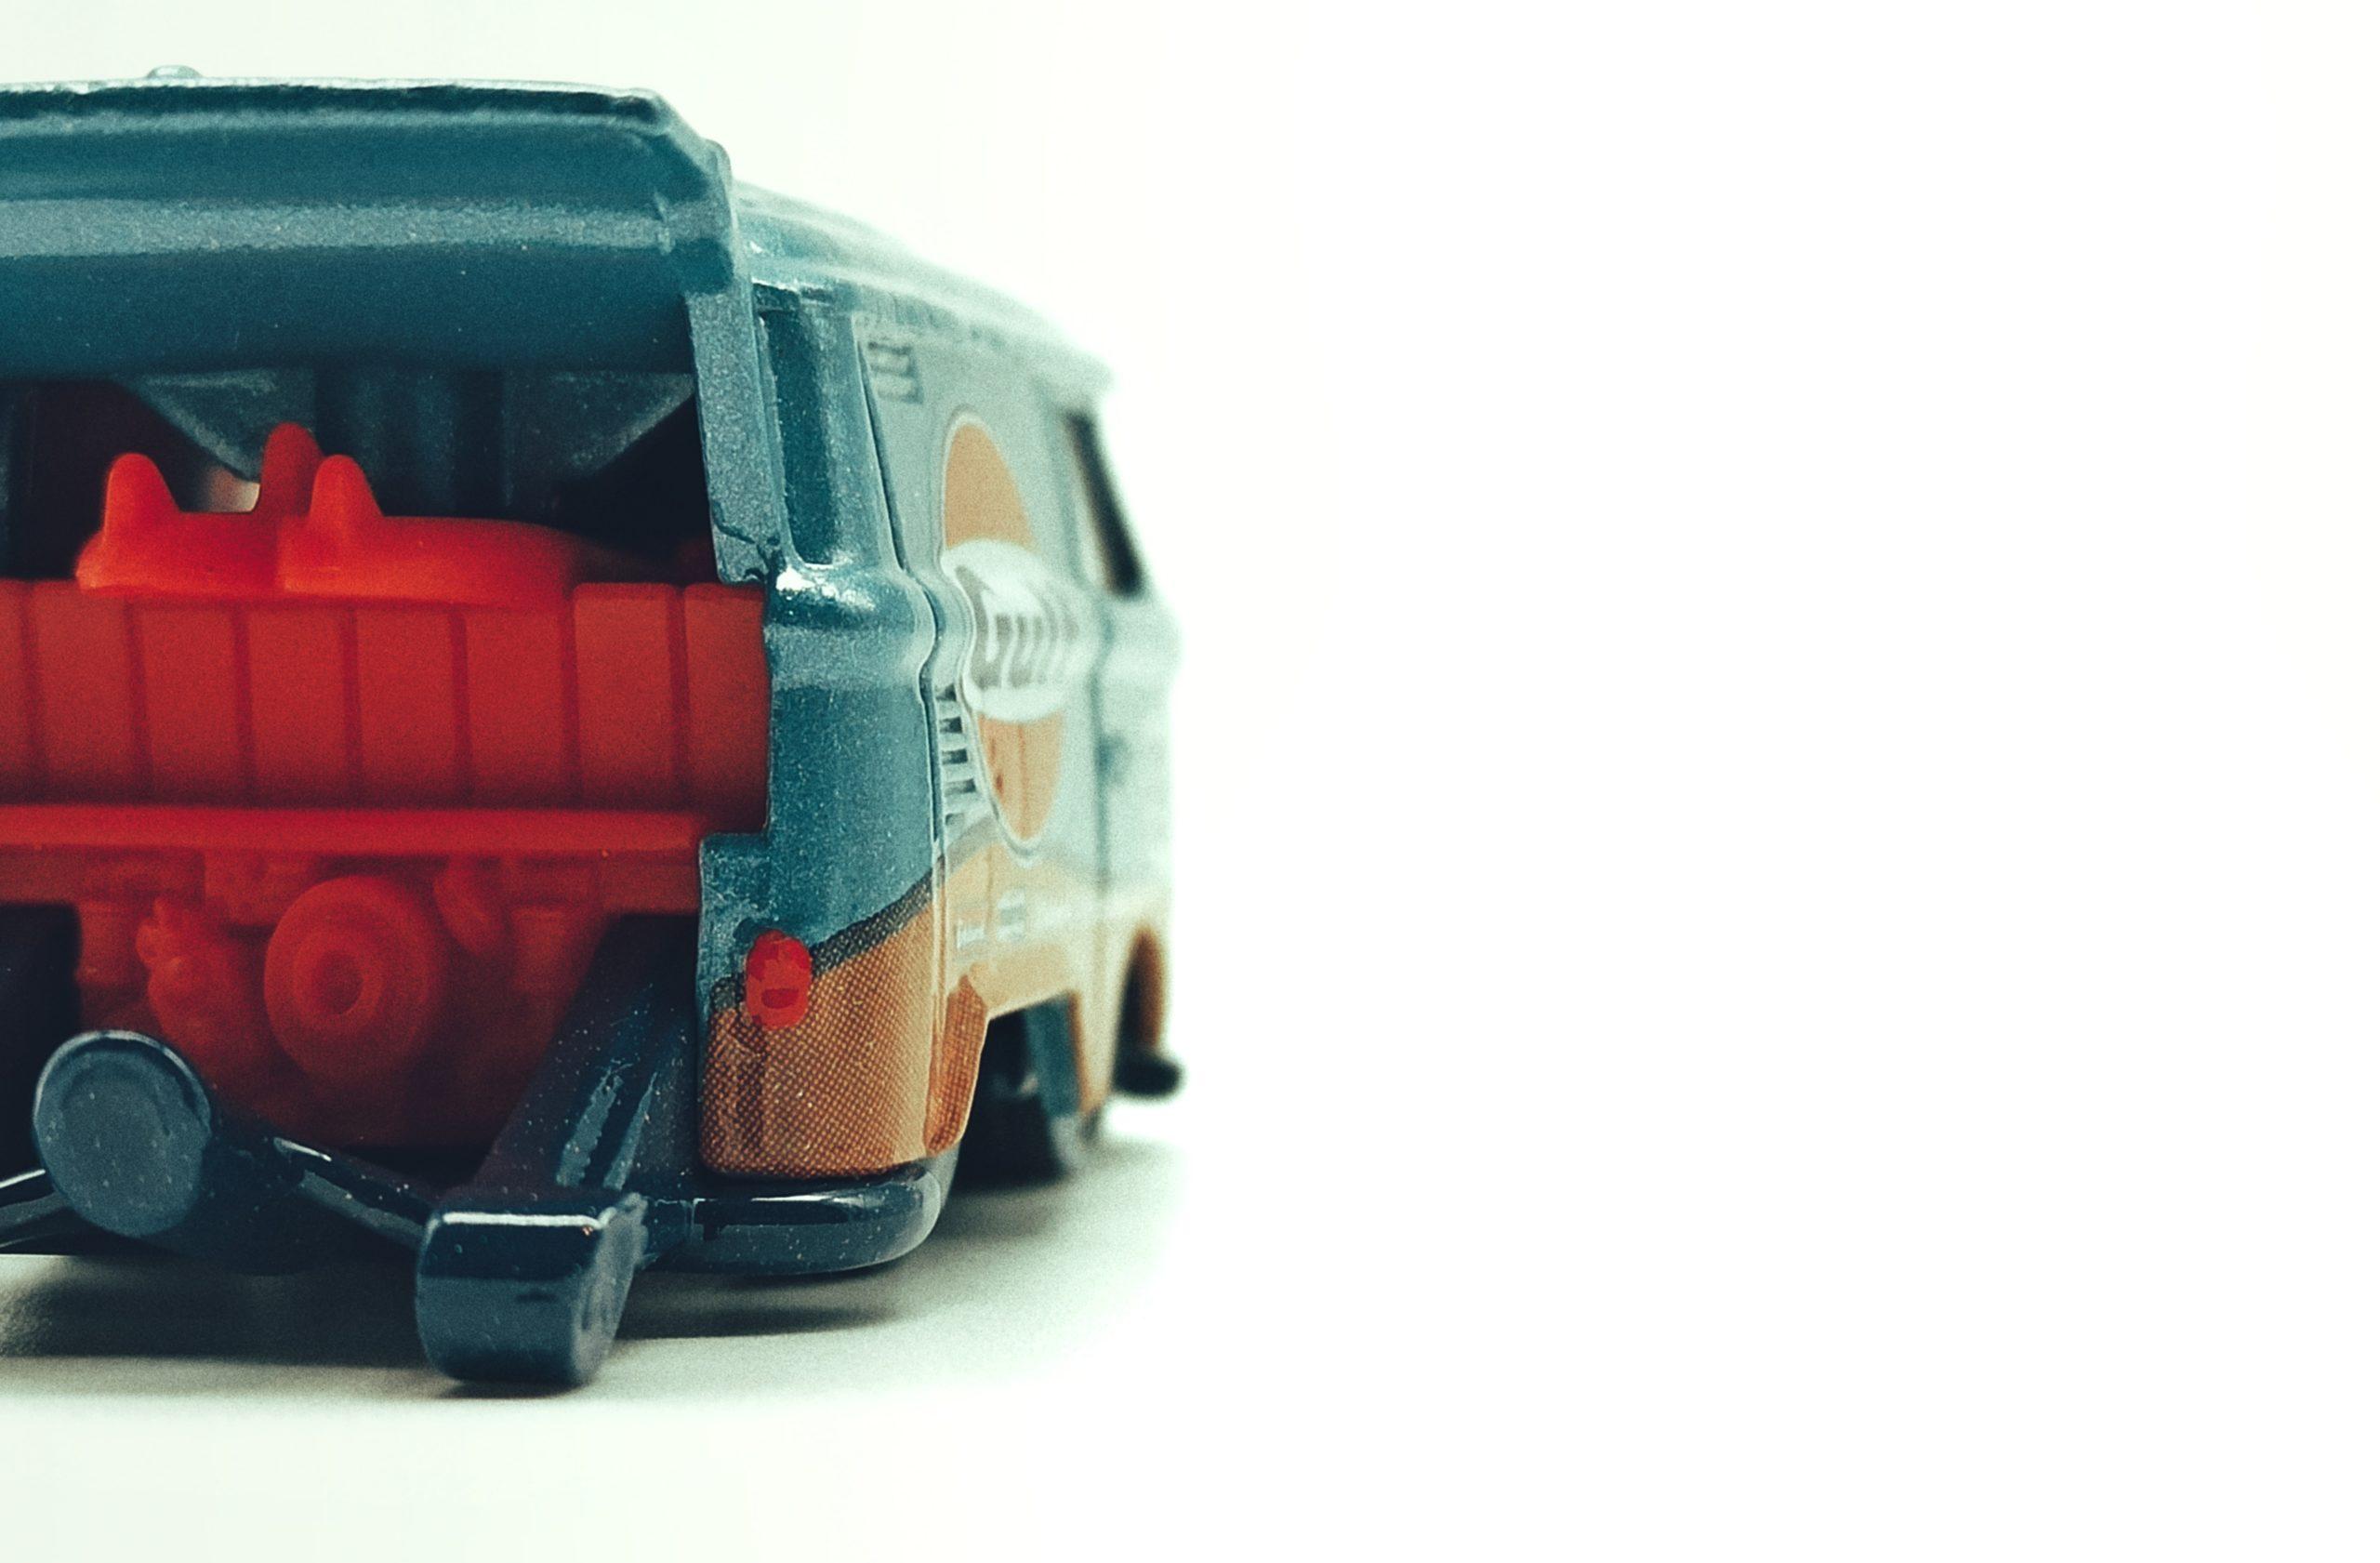 Hot Wheels Volkswagen Kool Kombi spectraflame light blue (Gulf) Custom VW back angle